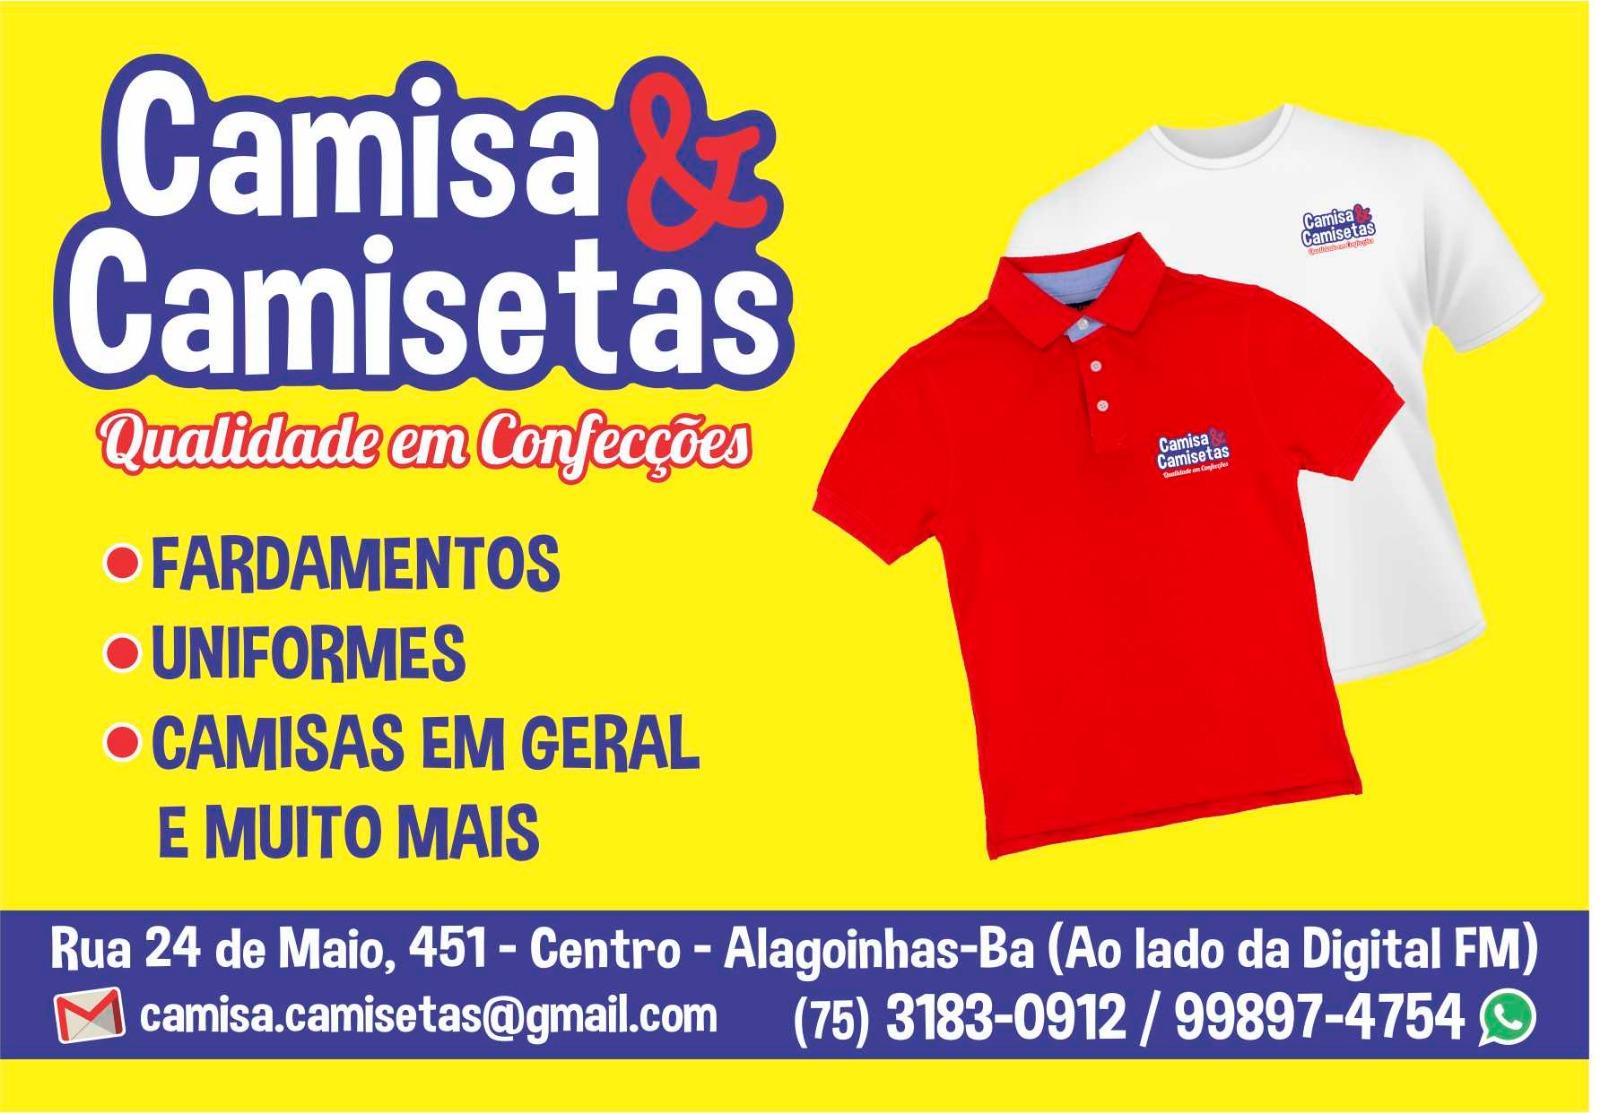 camisa e camisetas